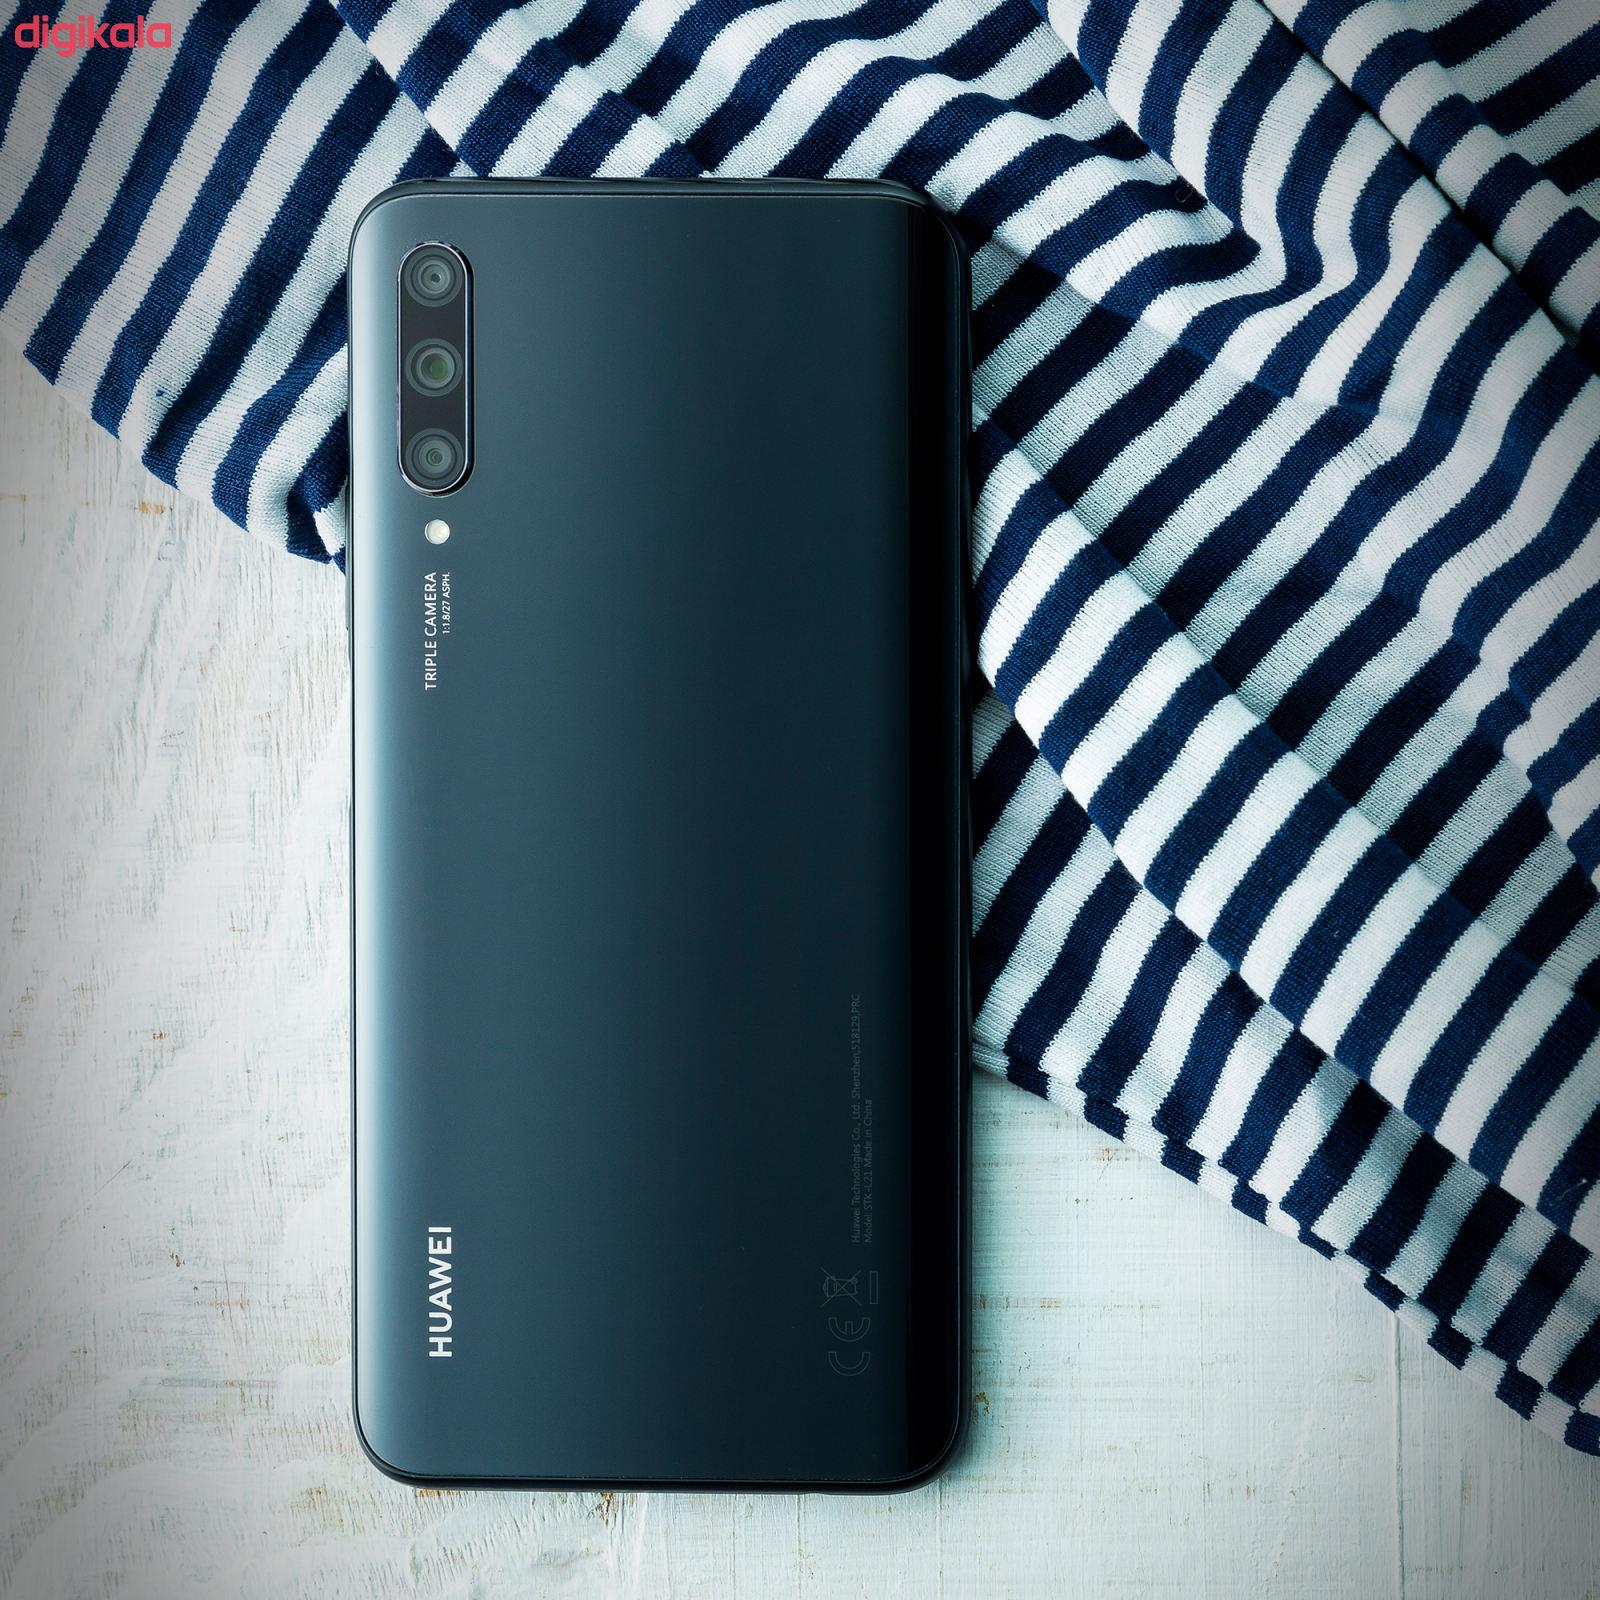 گوشی موبایل هوآوی مدل Y9s STK-L21 دو سیم کارت ظرفیت 128 گیگابایت main 1 22